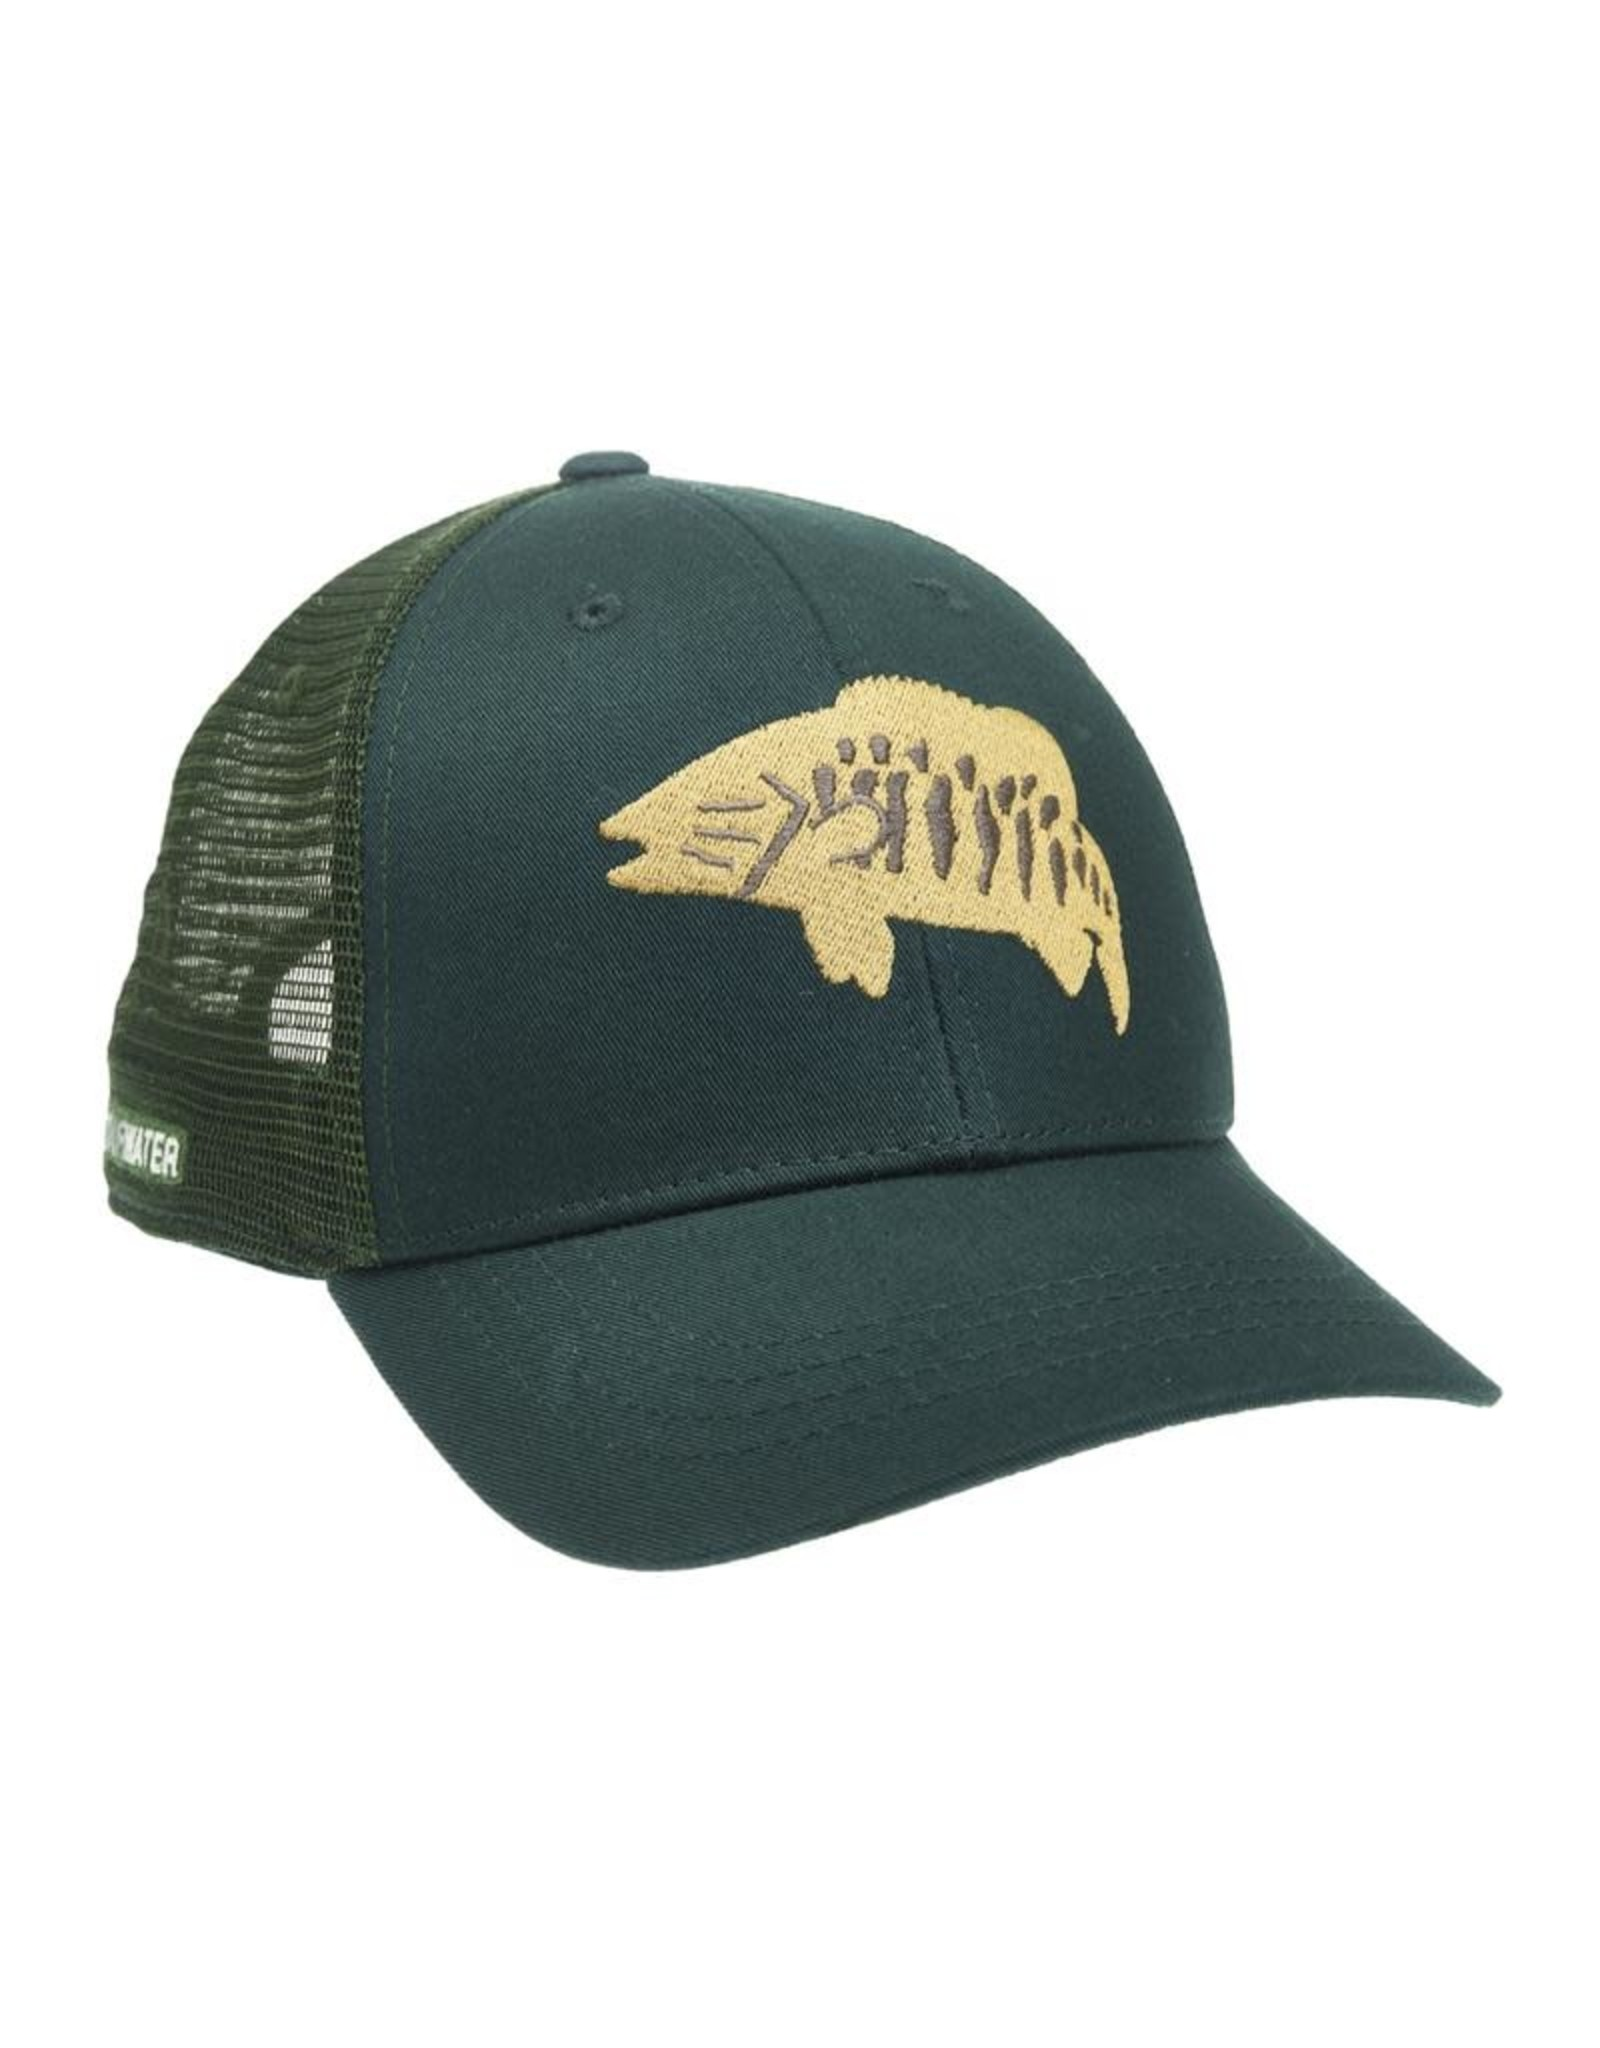 Rep Your Water RepYourWater Bronzeback Hat